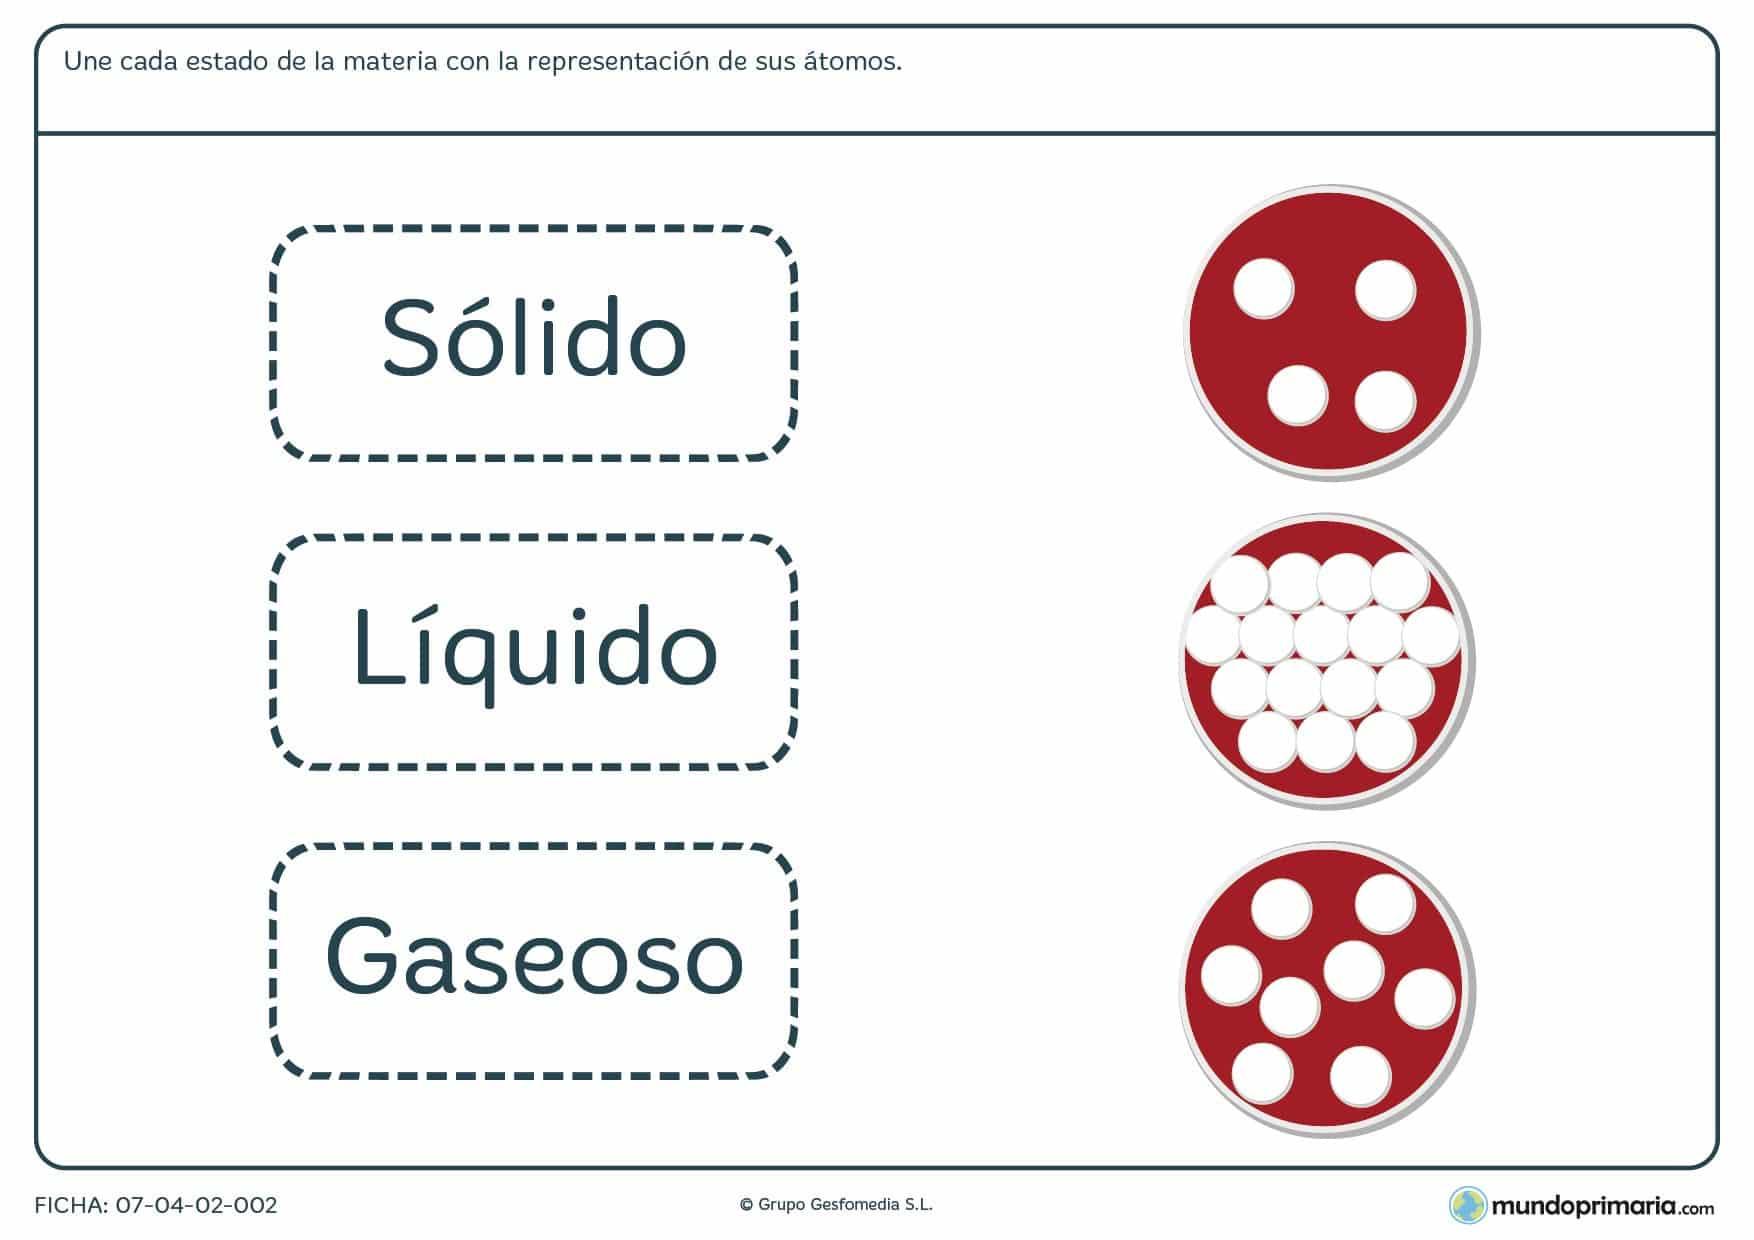 Ficha de átomos de la materia en la que debes unir cada estado con su representación en forma de dibujo de átomos.